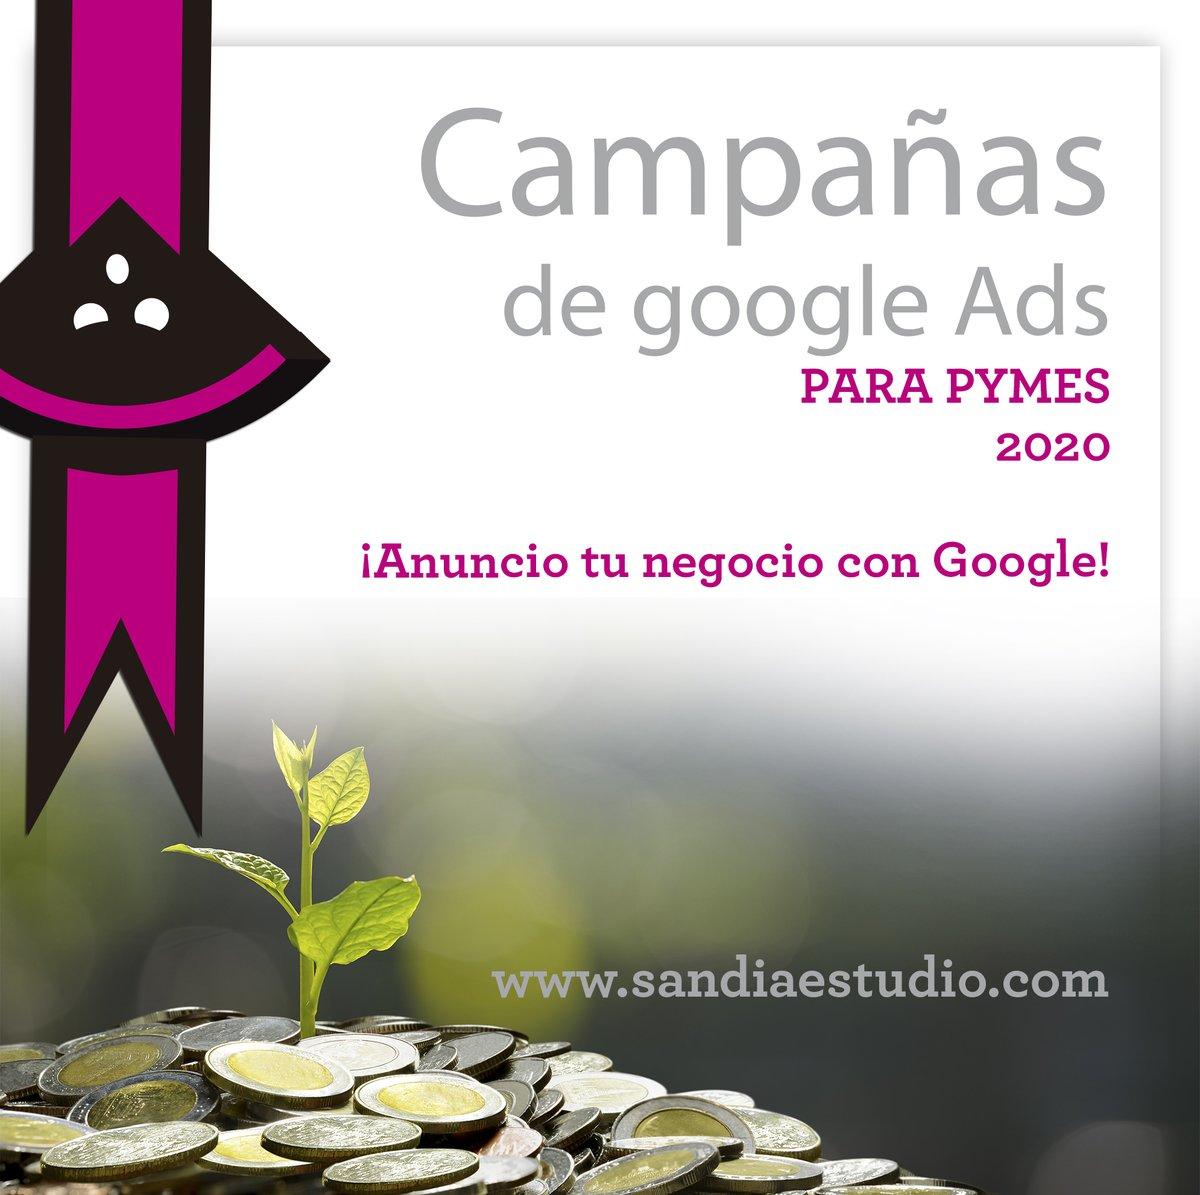 Creamos campañas integrales para tu empresa. Haremos que estés en los primeros lugares del buscador a través de inversión en publicidad de Google. #GoogleAds #Ads #GoogleAdwords #Succes #Éxito https://t.co/MoATkbH6IL